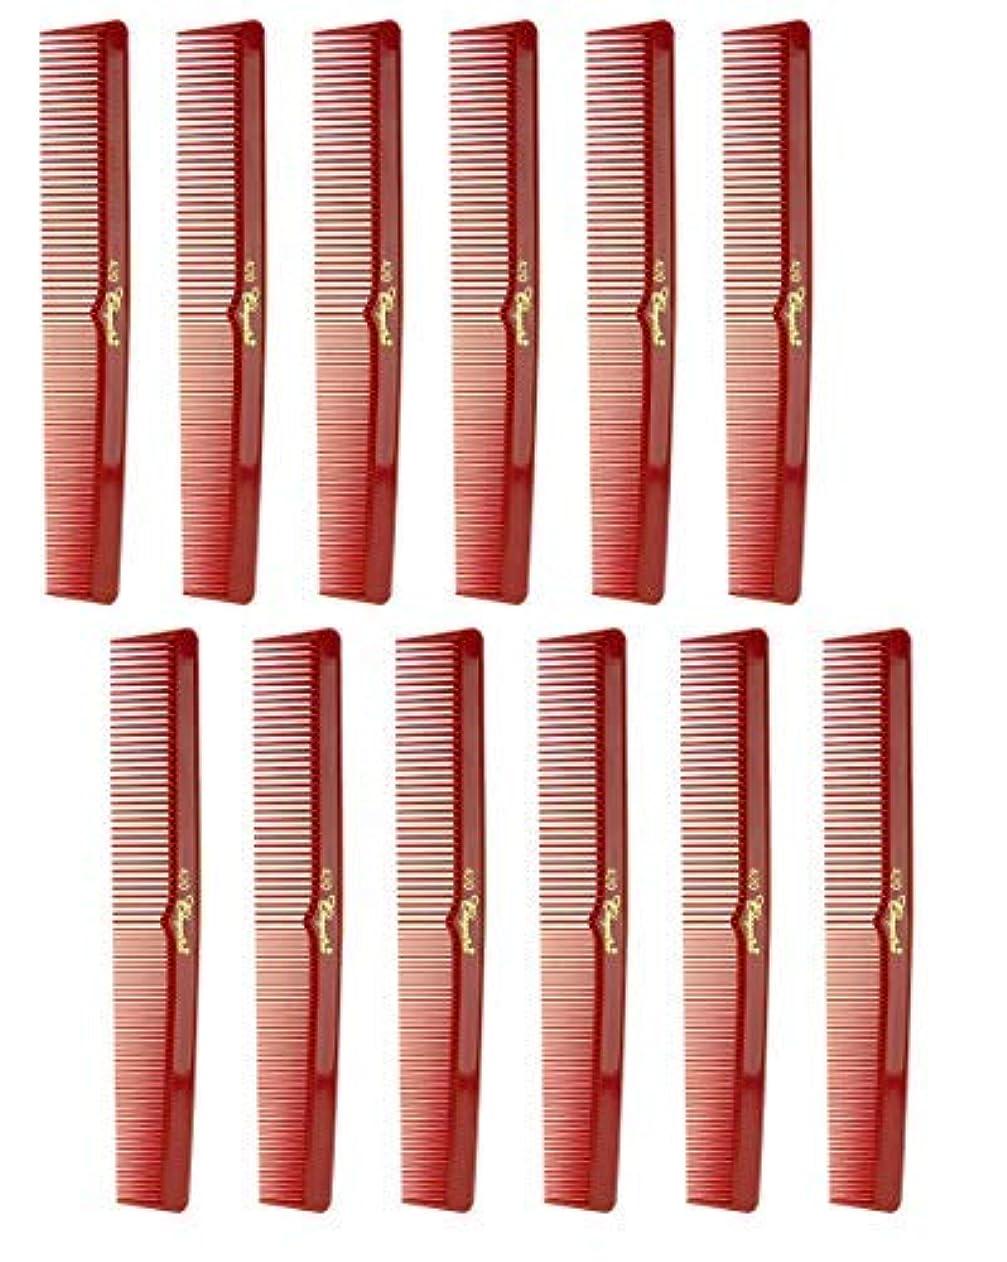 飢え疲労裁量7 Inch Hair Cutting Comb. Barber's & Hairstylist Combs. Red. 1 DZ. [並行輸入品]